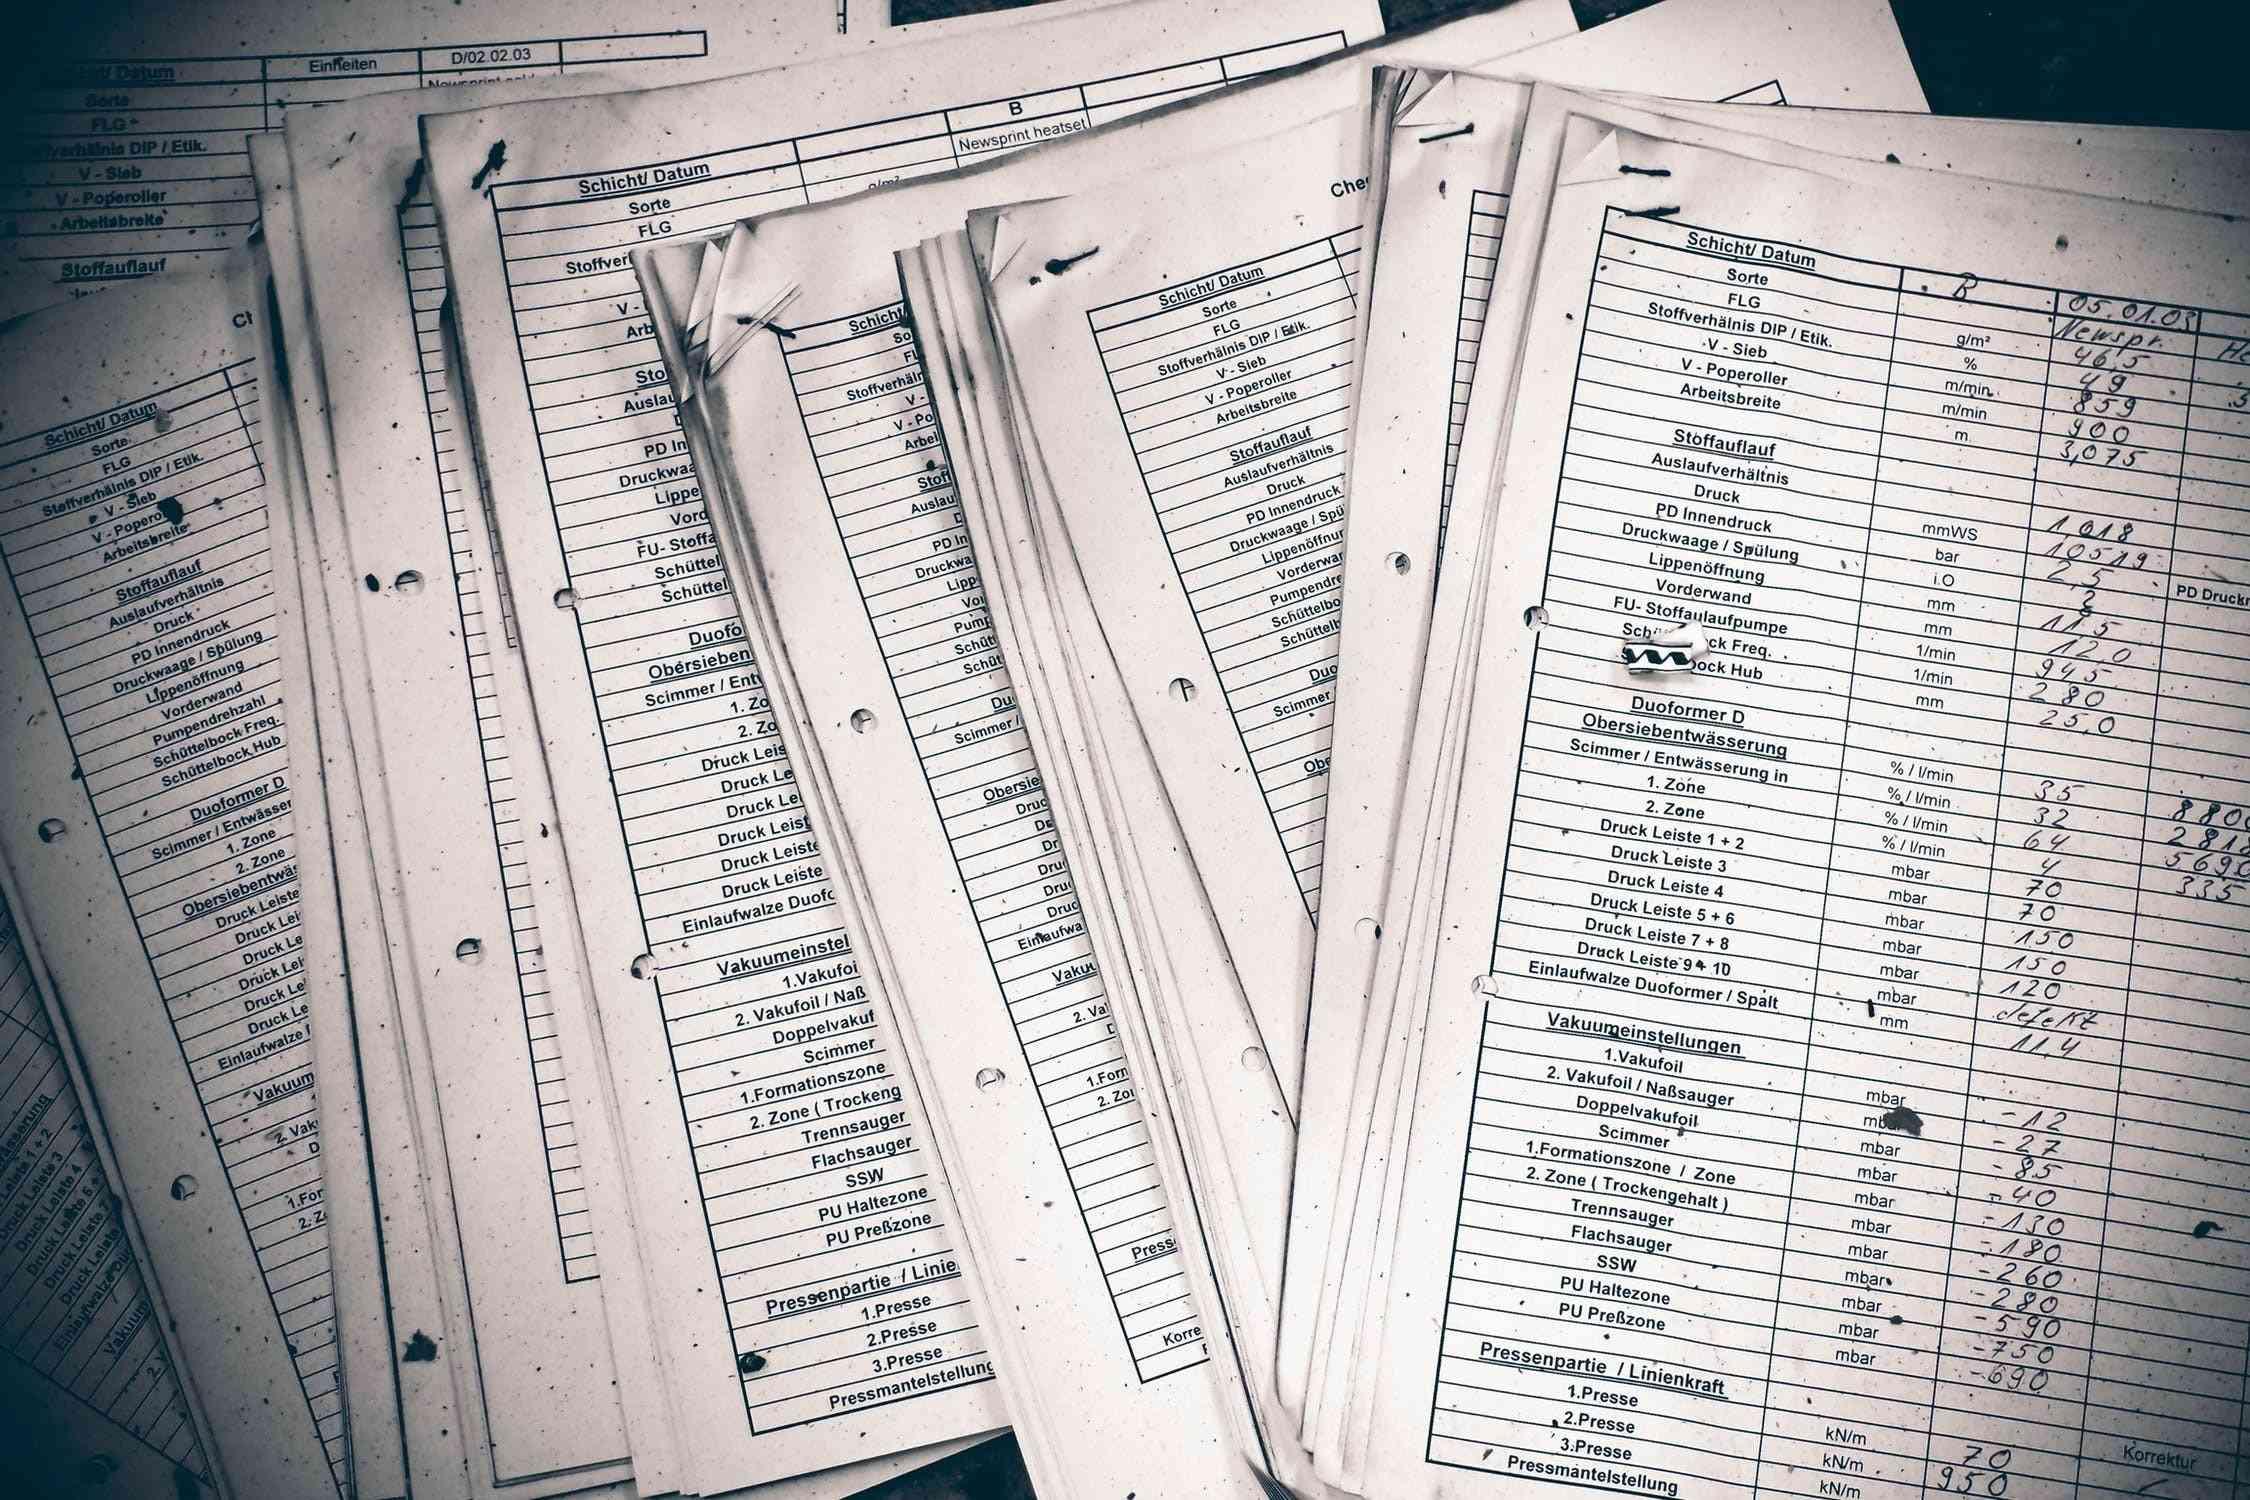 Tłumaczenia dużych objętościowo dokumentów